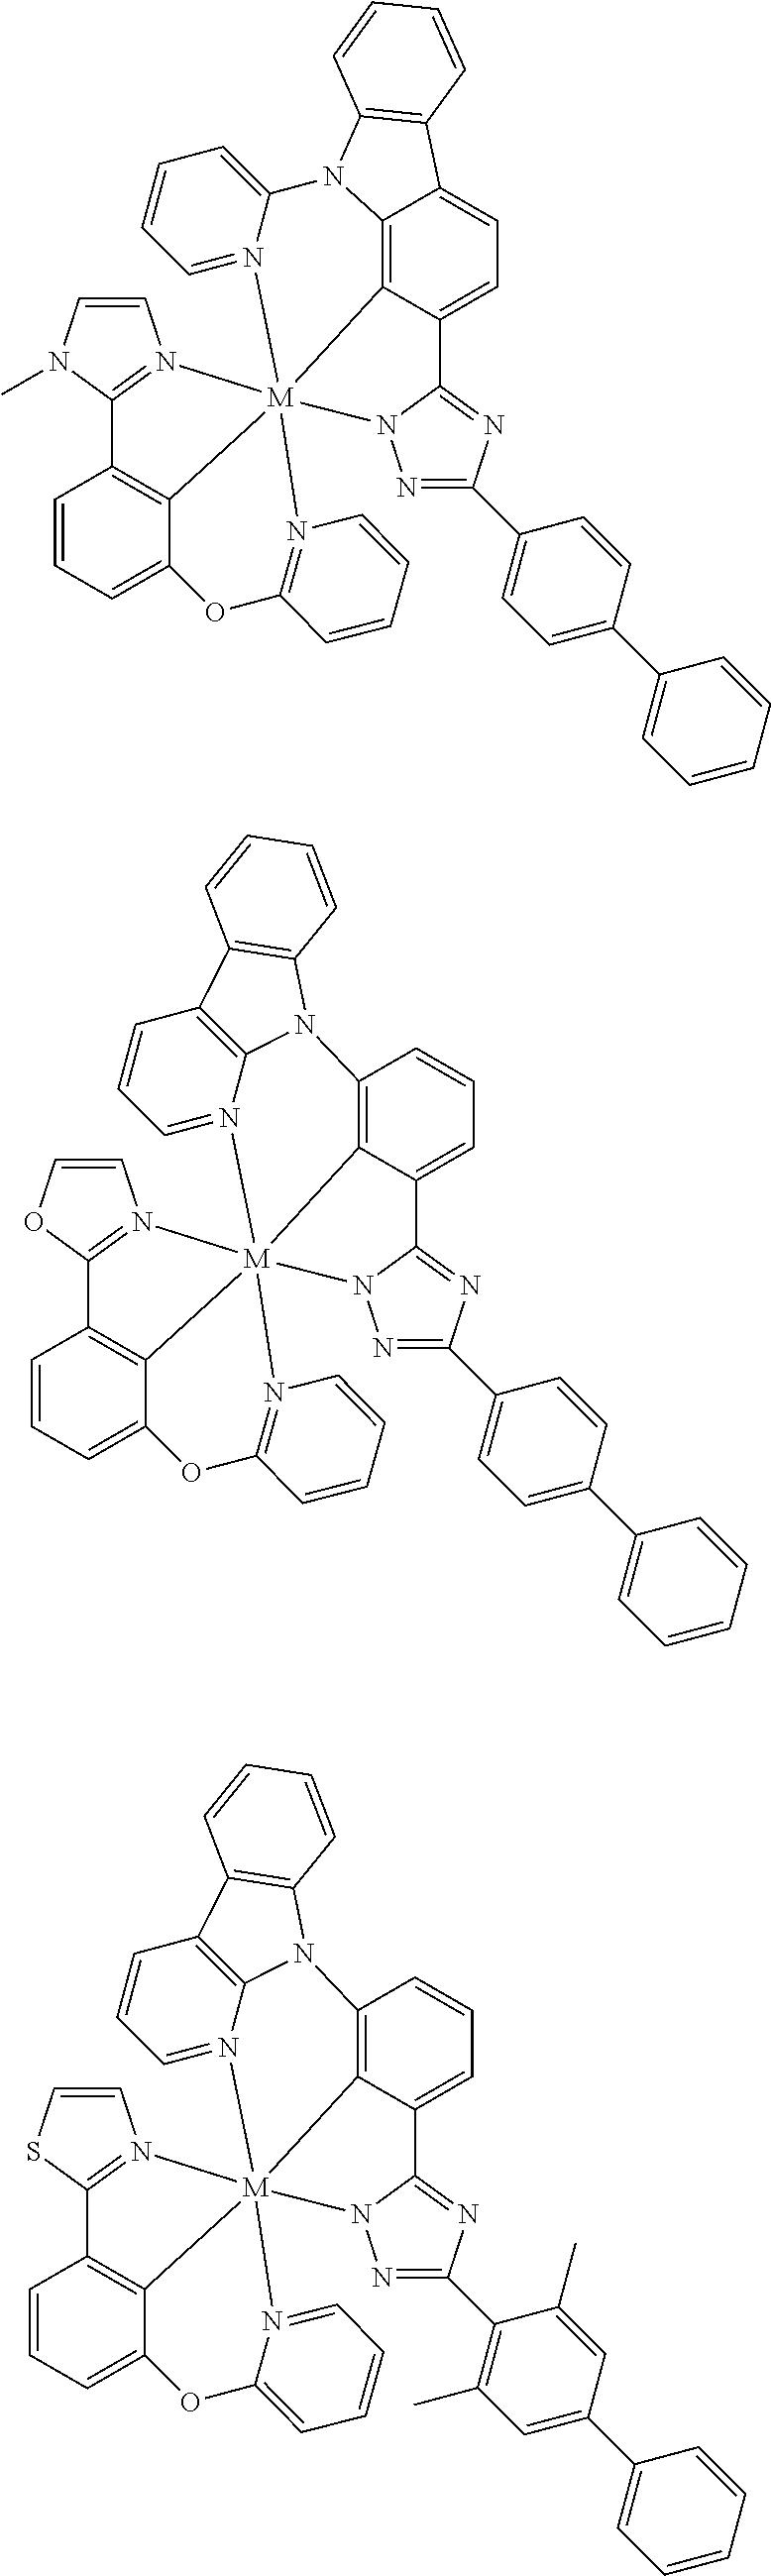 Figure US09818959-20171114-C00312